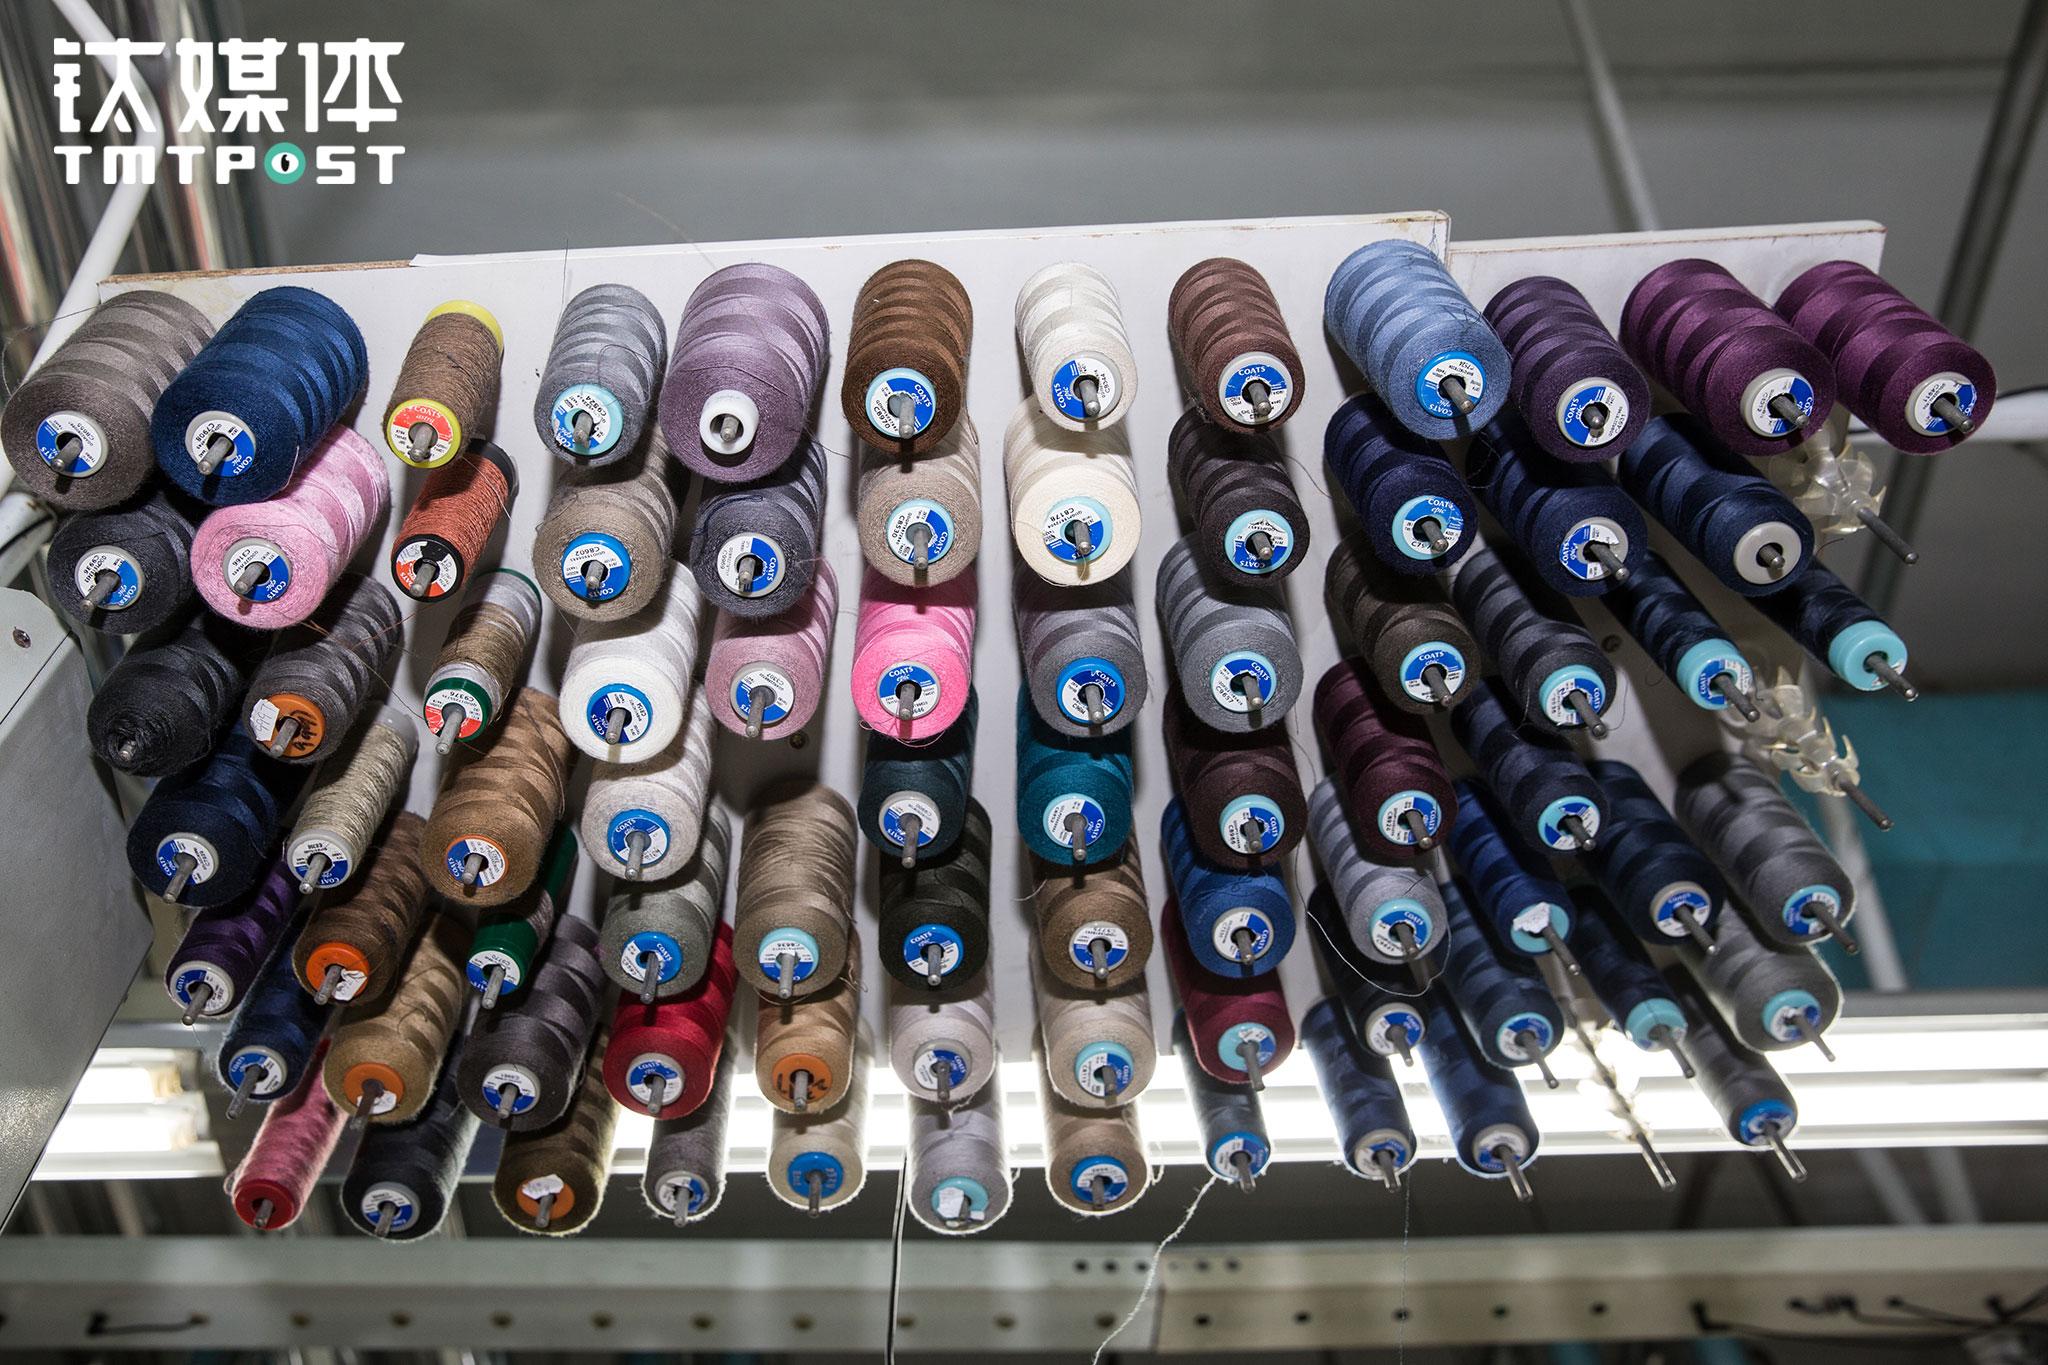 一名熟练的缝制工人,工位旁边和顶部,加起来至少有100种品类、颜色的线捆,由于每一件衣服都不一样,他们需要在这些线之间迅速地切换。